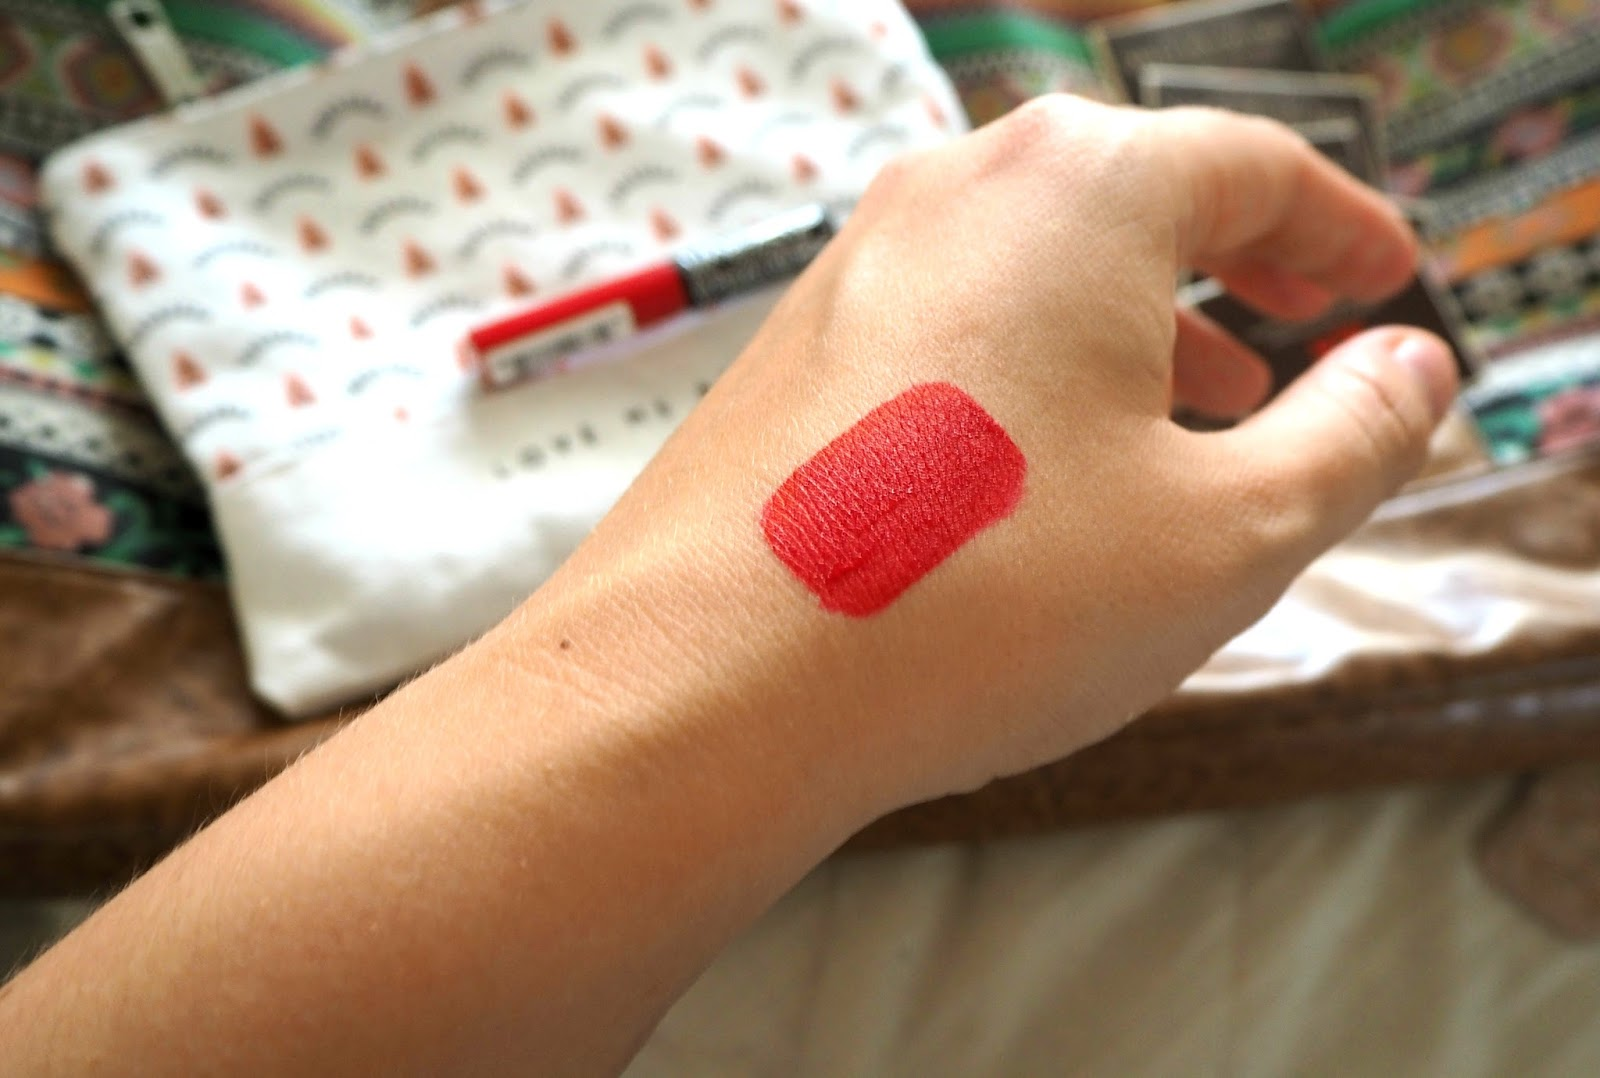 Kat Von D Lipstick Swatch